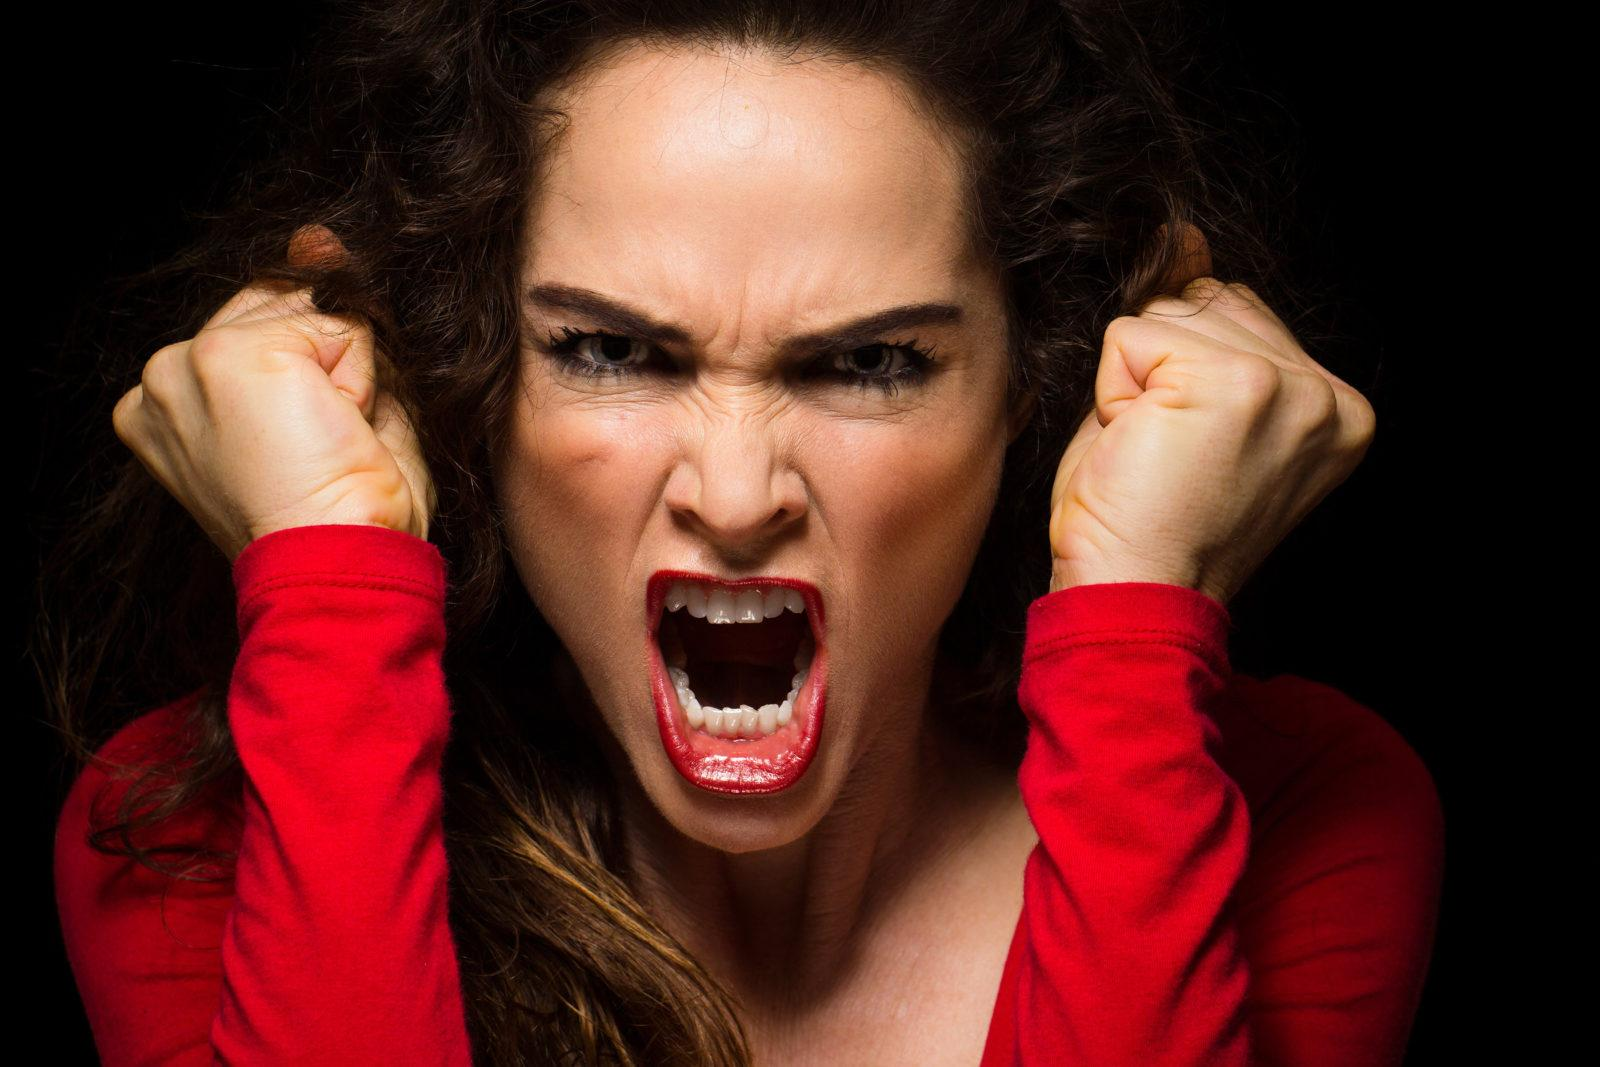 woman-anger